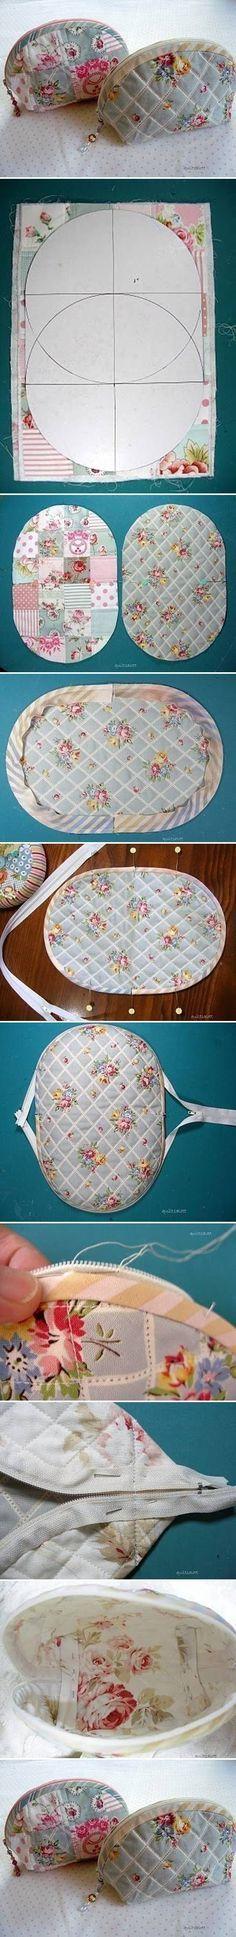 DIY Sew Makeup Bag